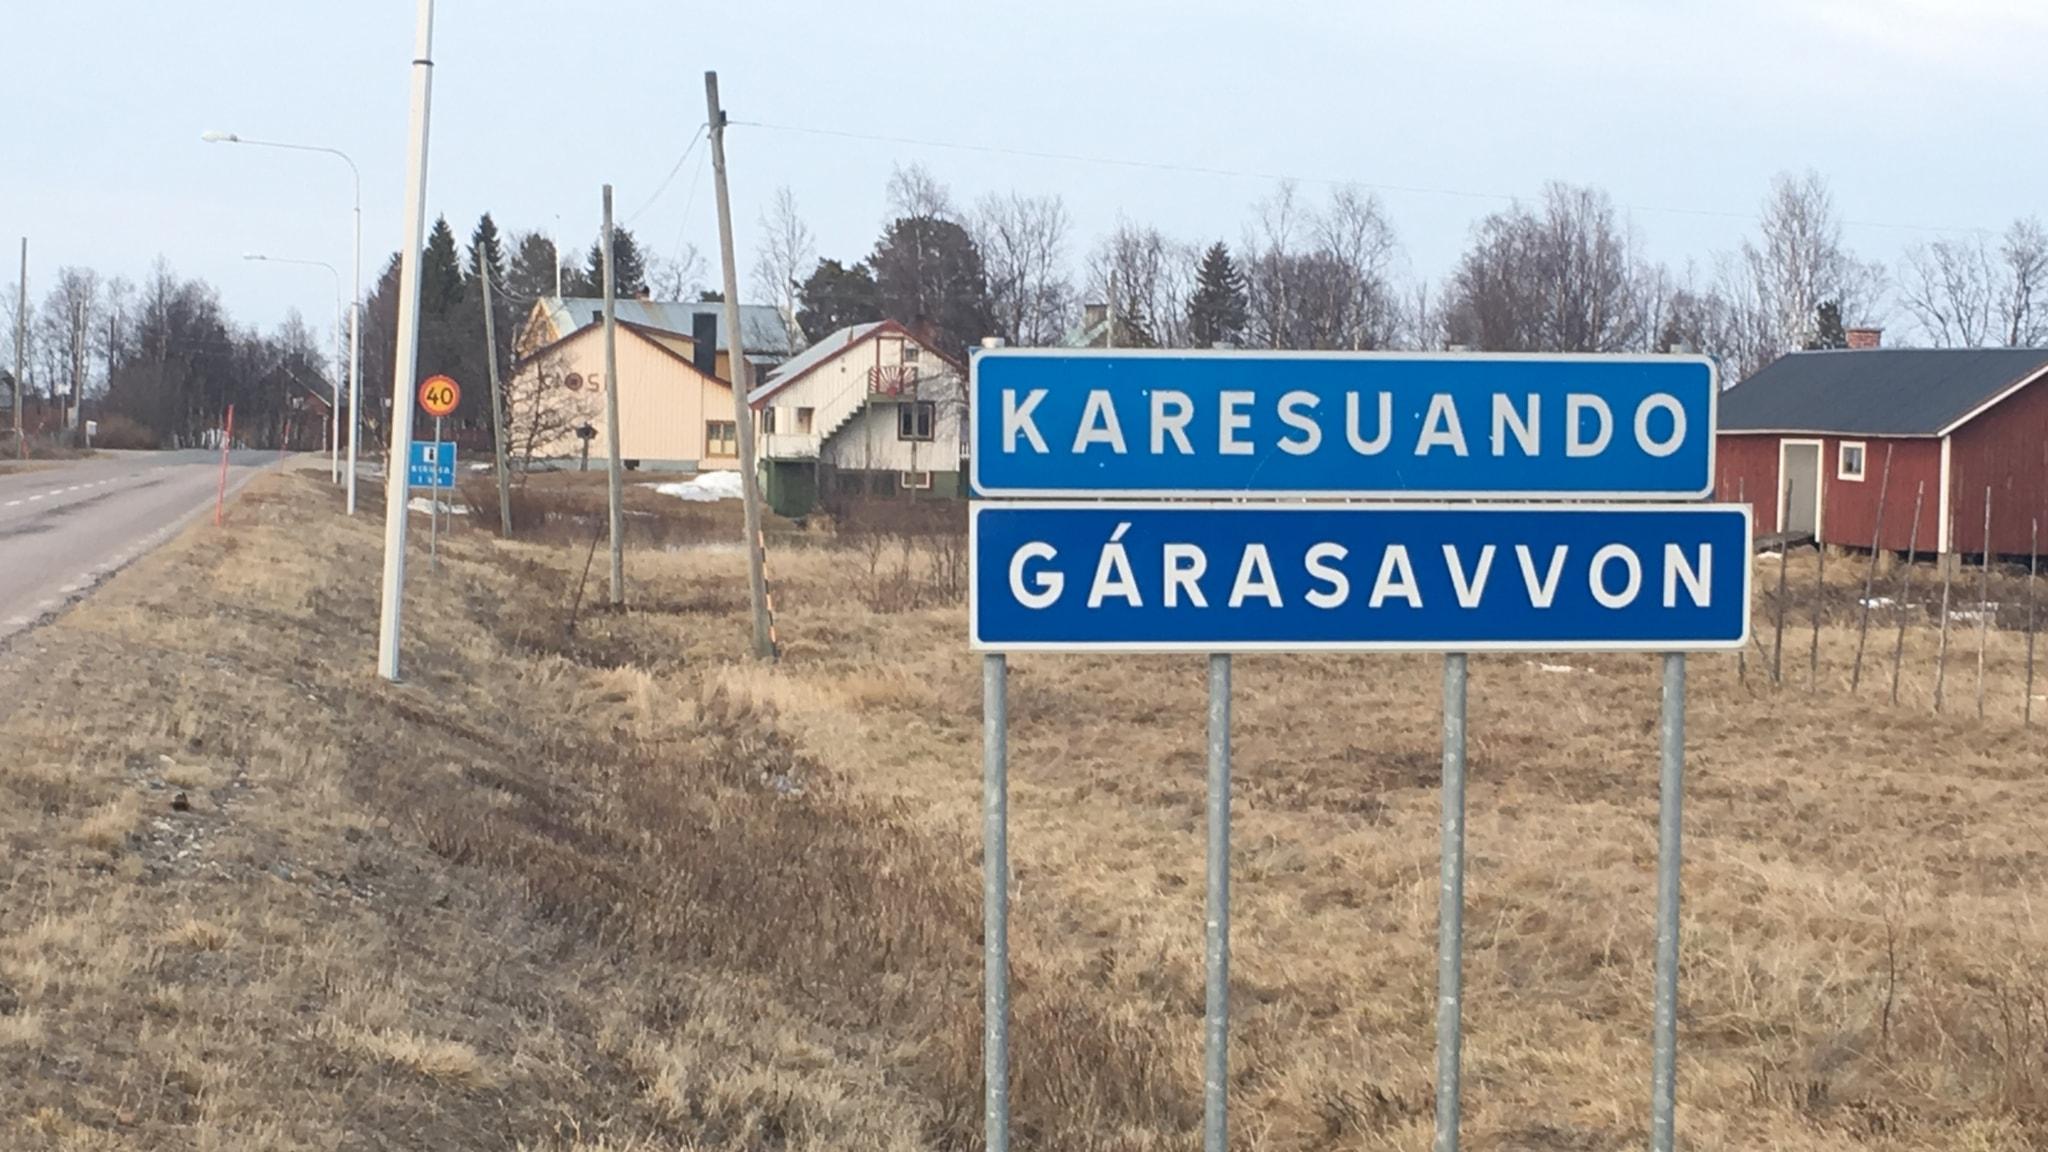 Aamupäivä alkaa Jönköpingissä mutta käväisee myös kaukana pohjoisessa, aina Karesuandossa saakka